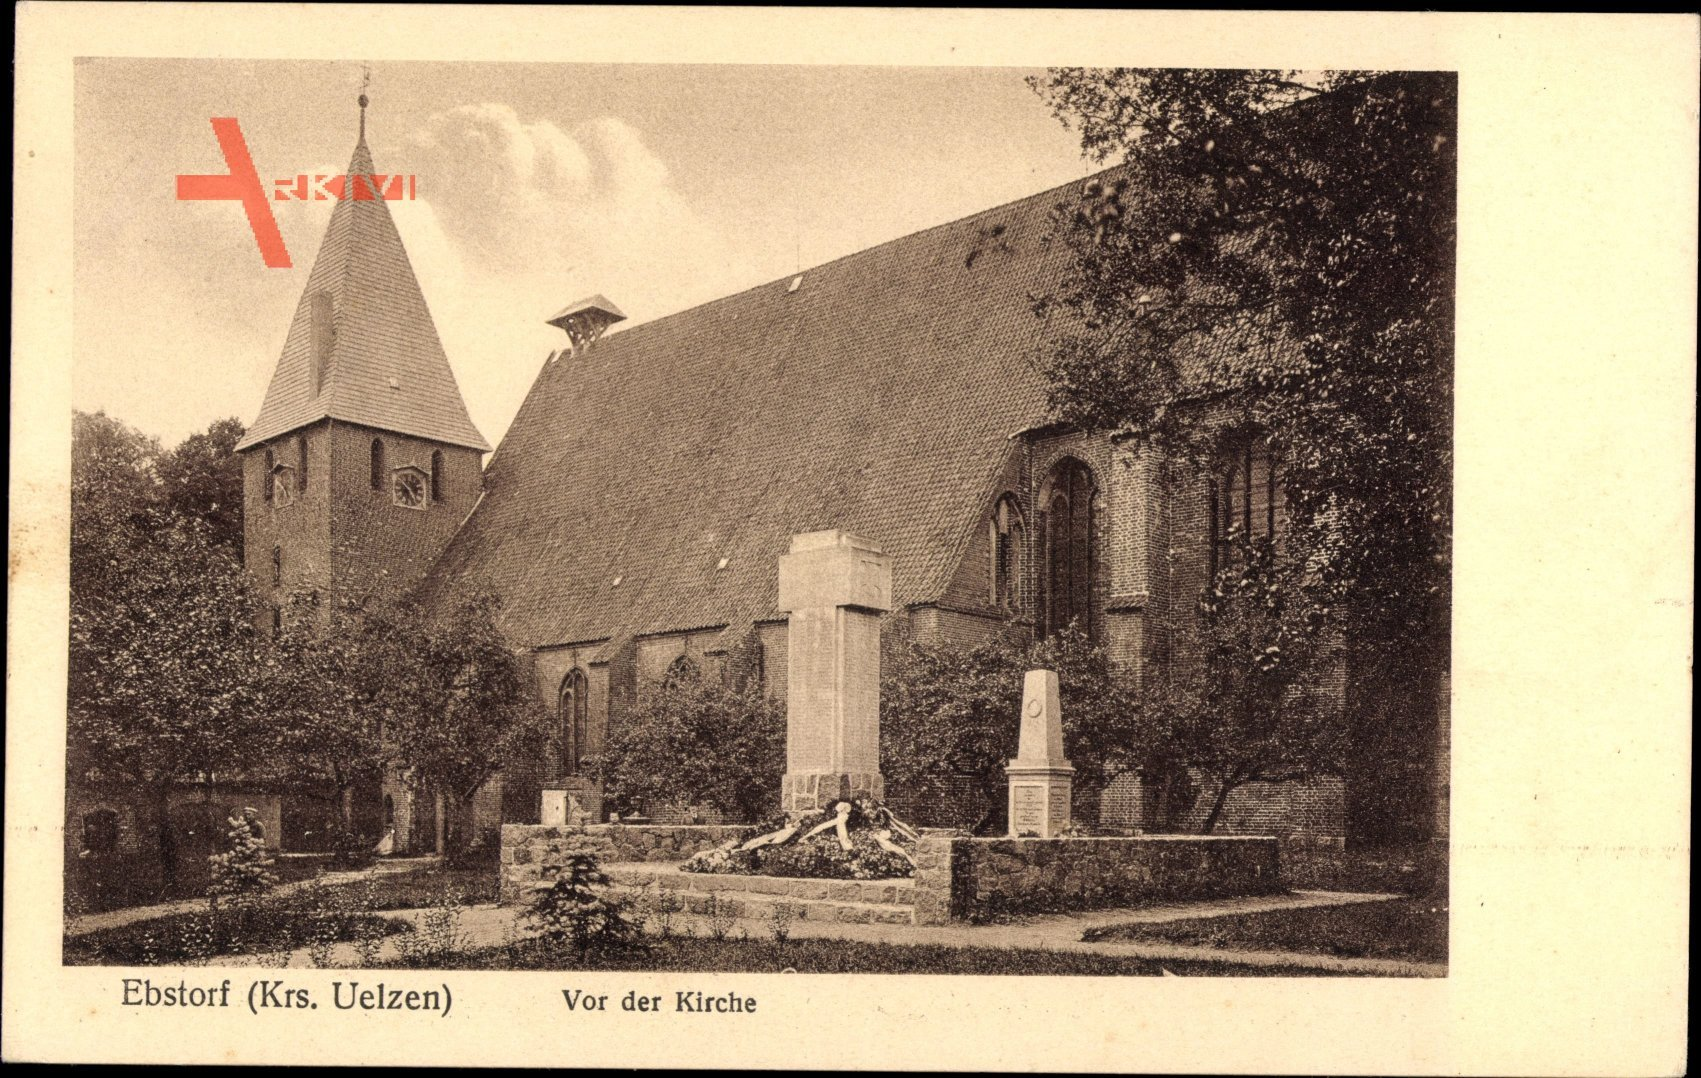 Ebstorf in der Lüneburger Heide, Vor der Kirche, Gedenkstein